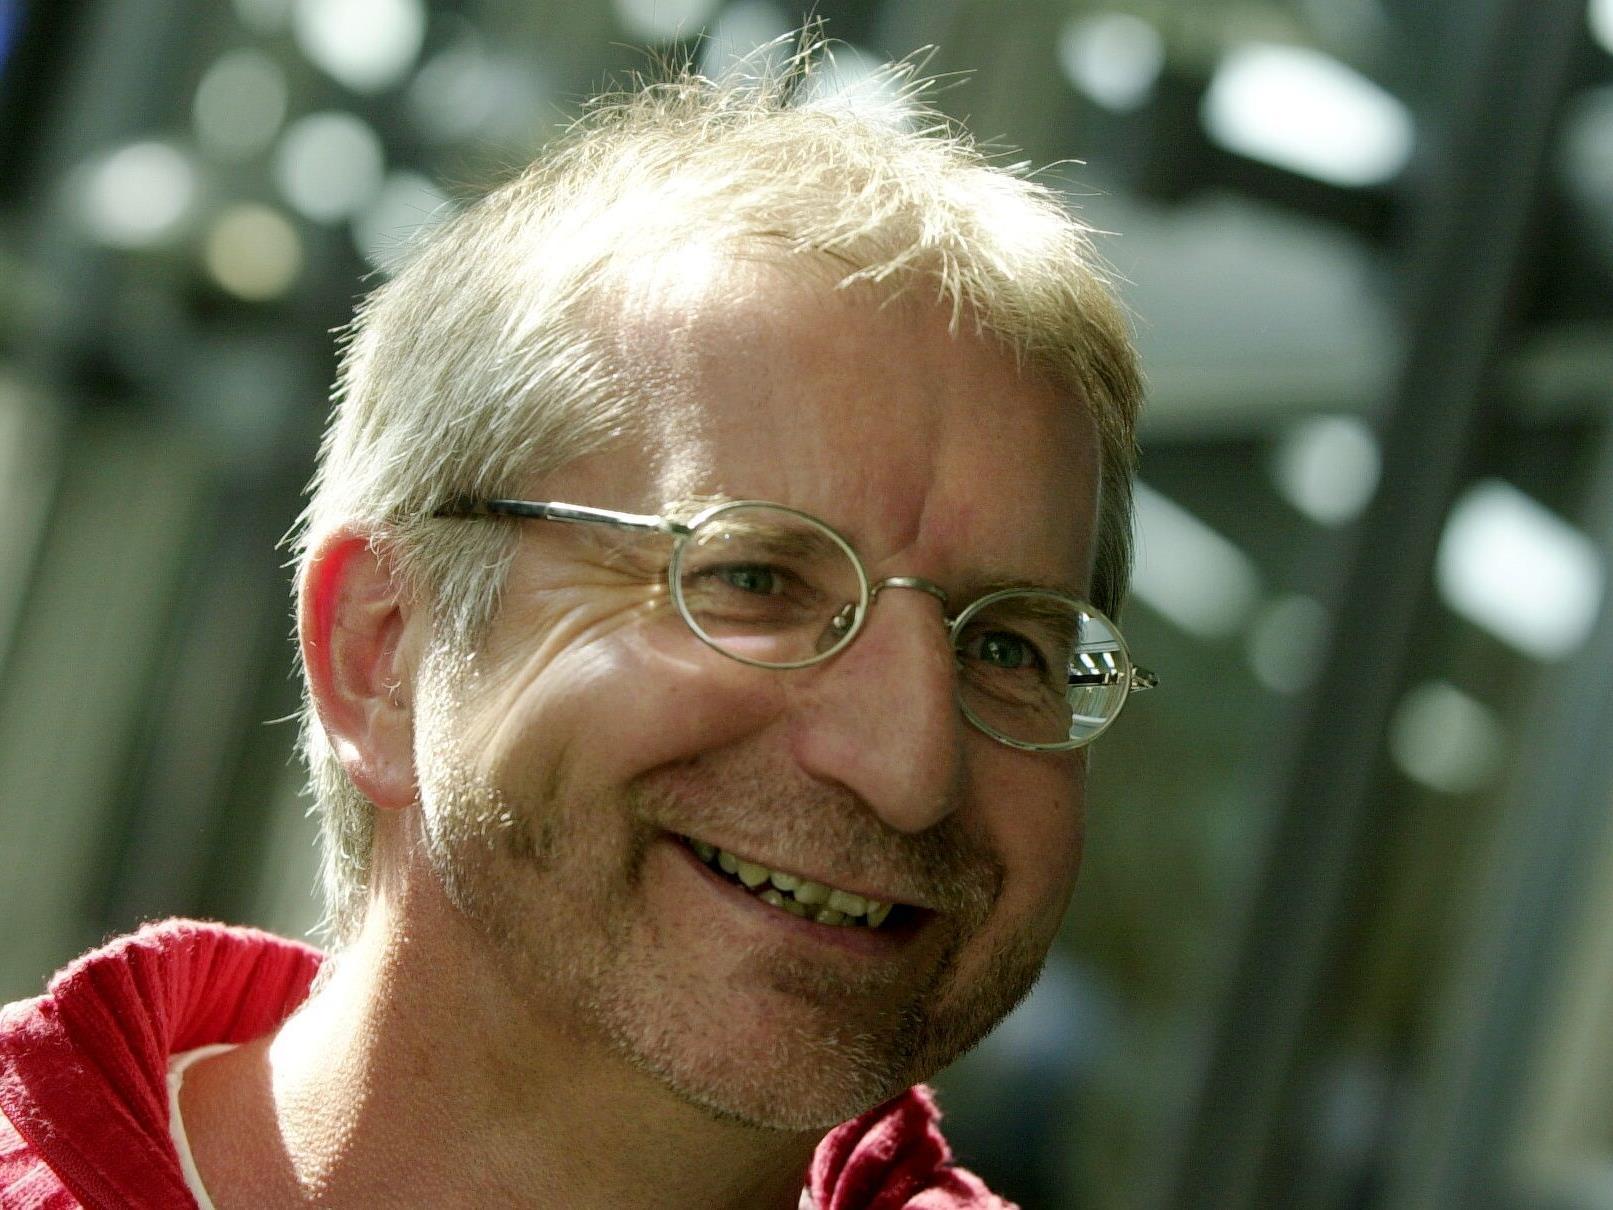 Pierre Stutz